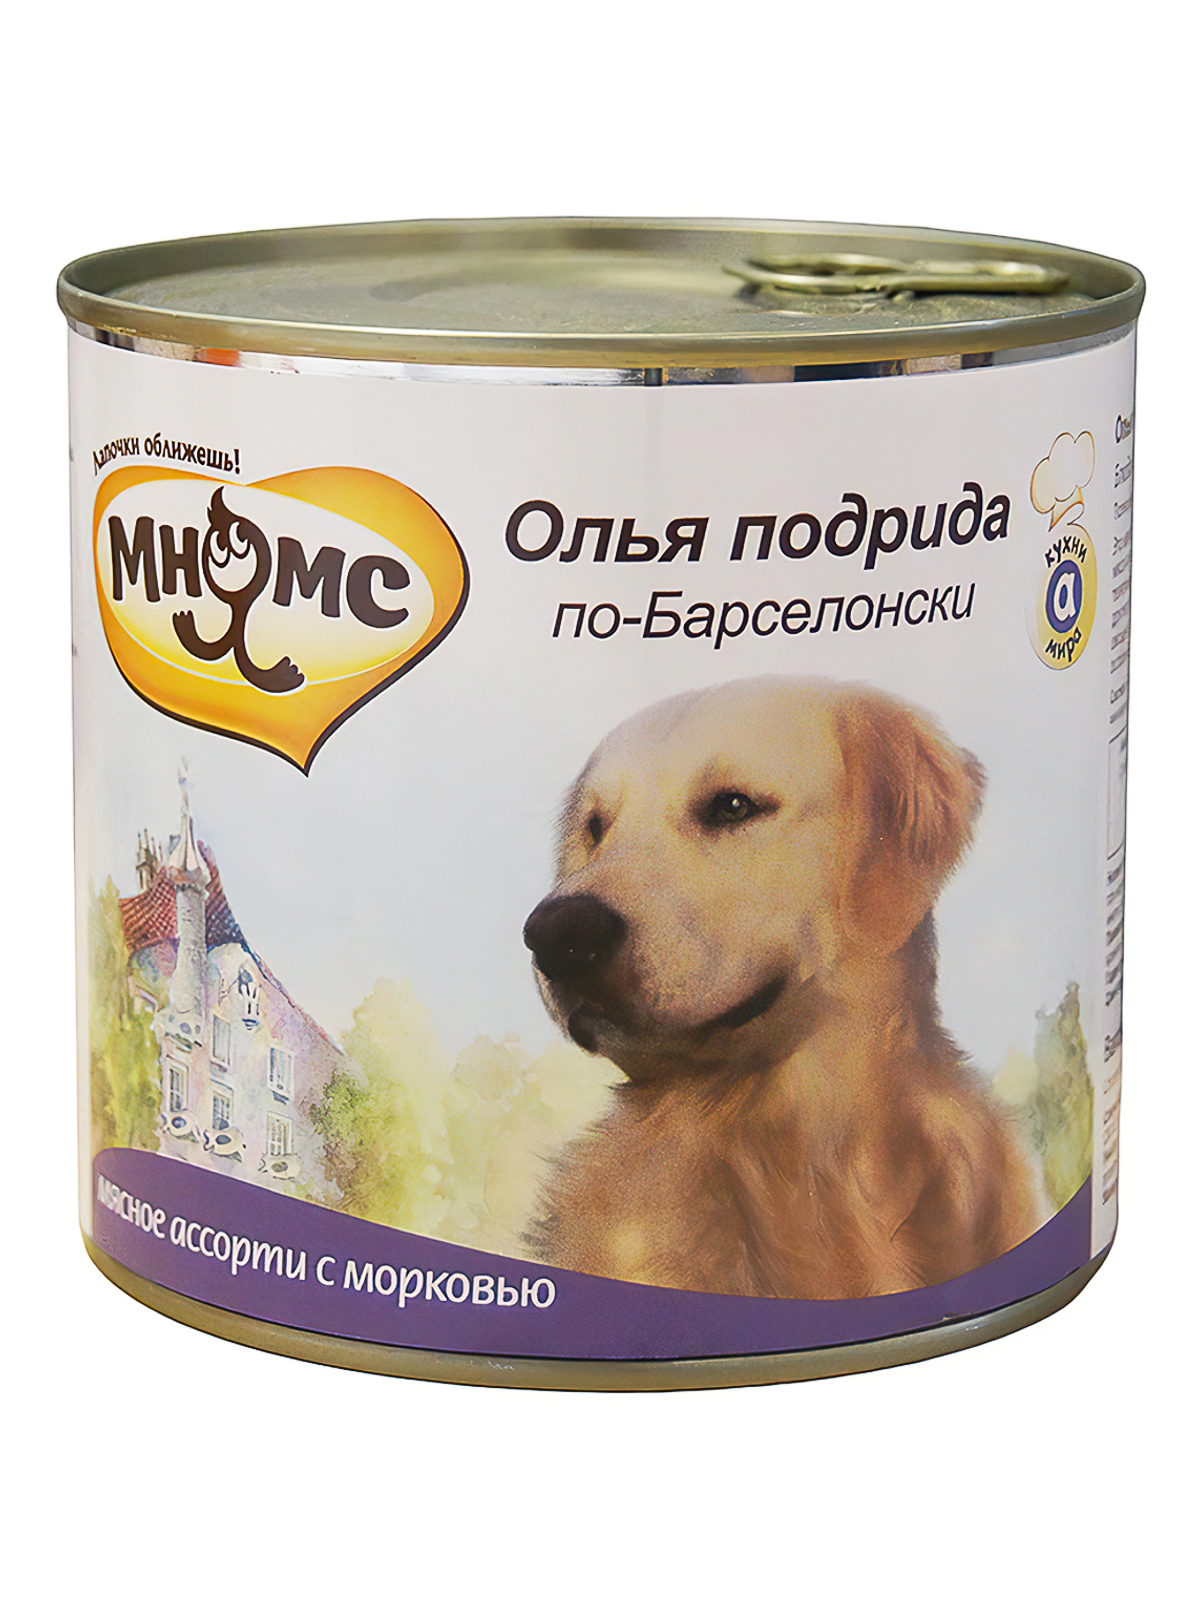 Мнямс Консервы для собак Мнямс Олья Подрида по-Барселонски (мясное ассорти с морковью) 57620_1.jpg